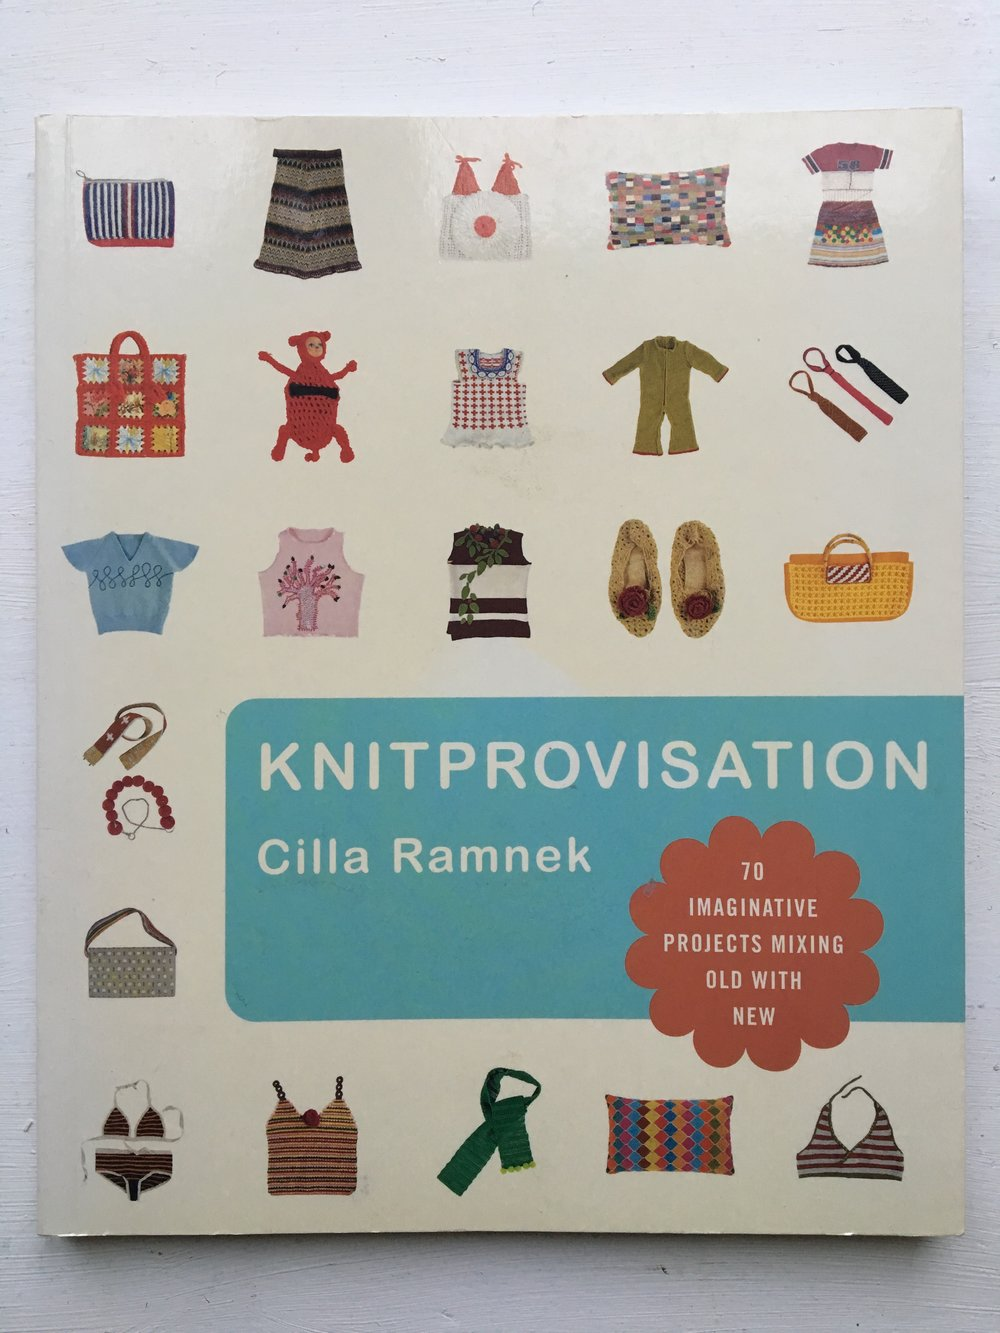 Knitprovisation - ST MARTIN'S GRIFFIN